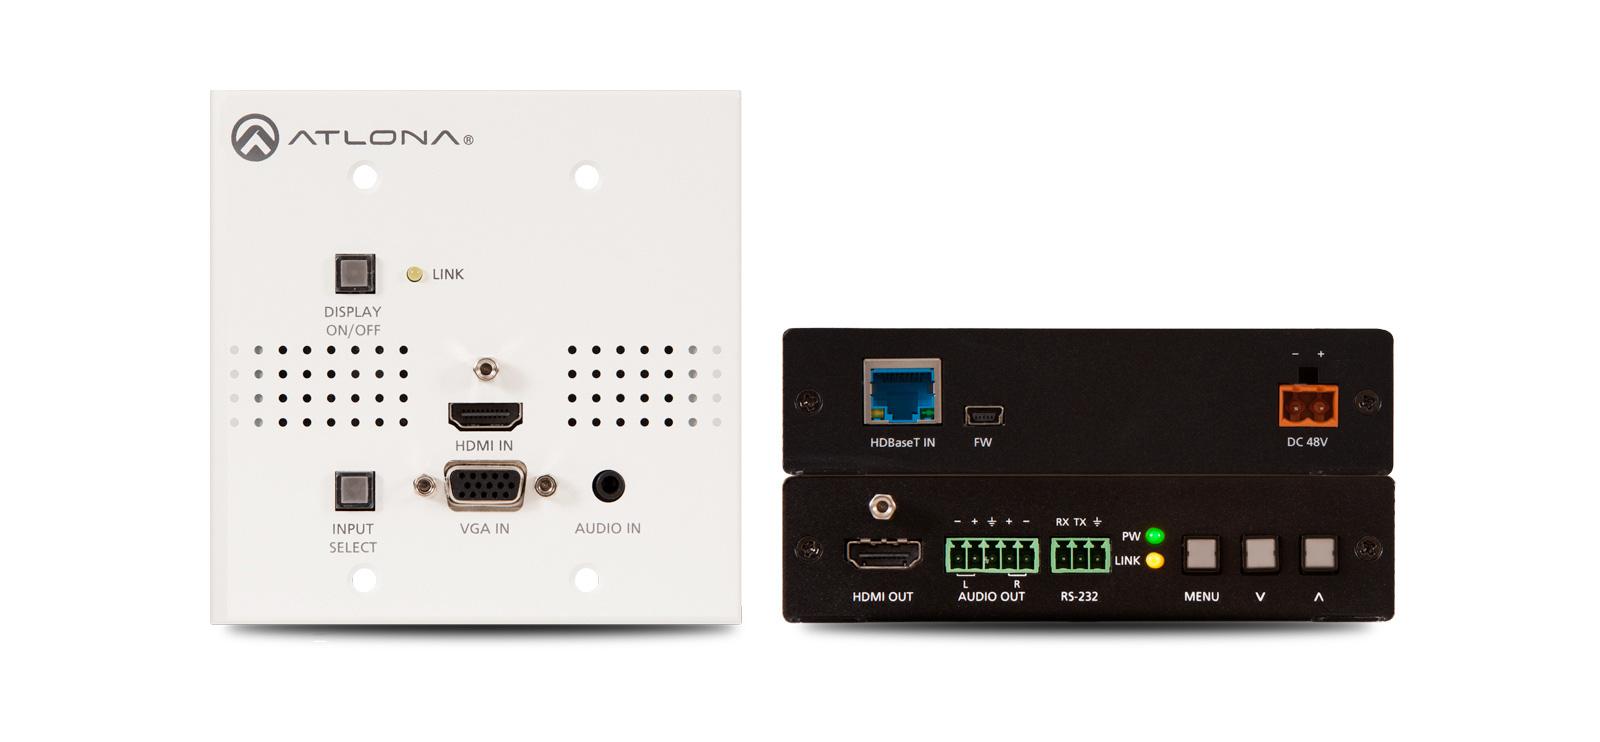 Atlona AT-HDVS-150-WP-KIT